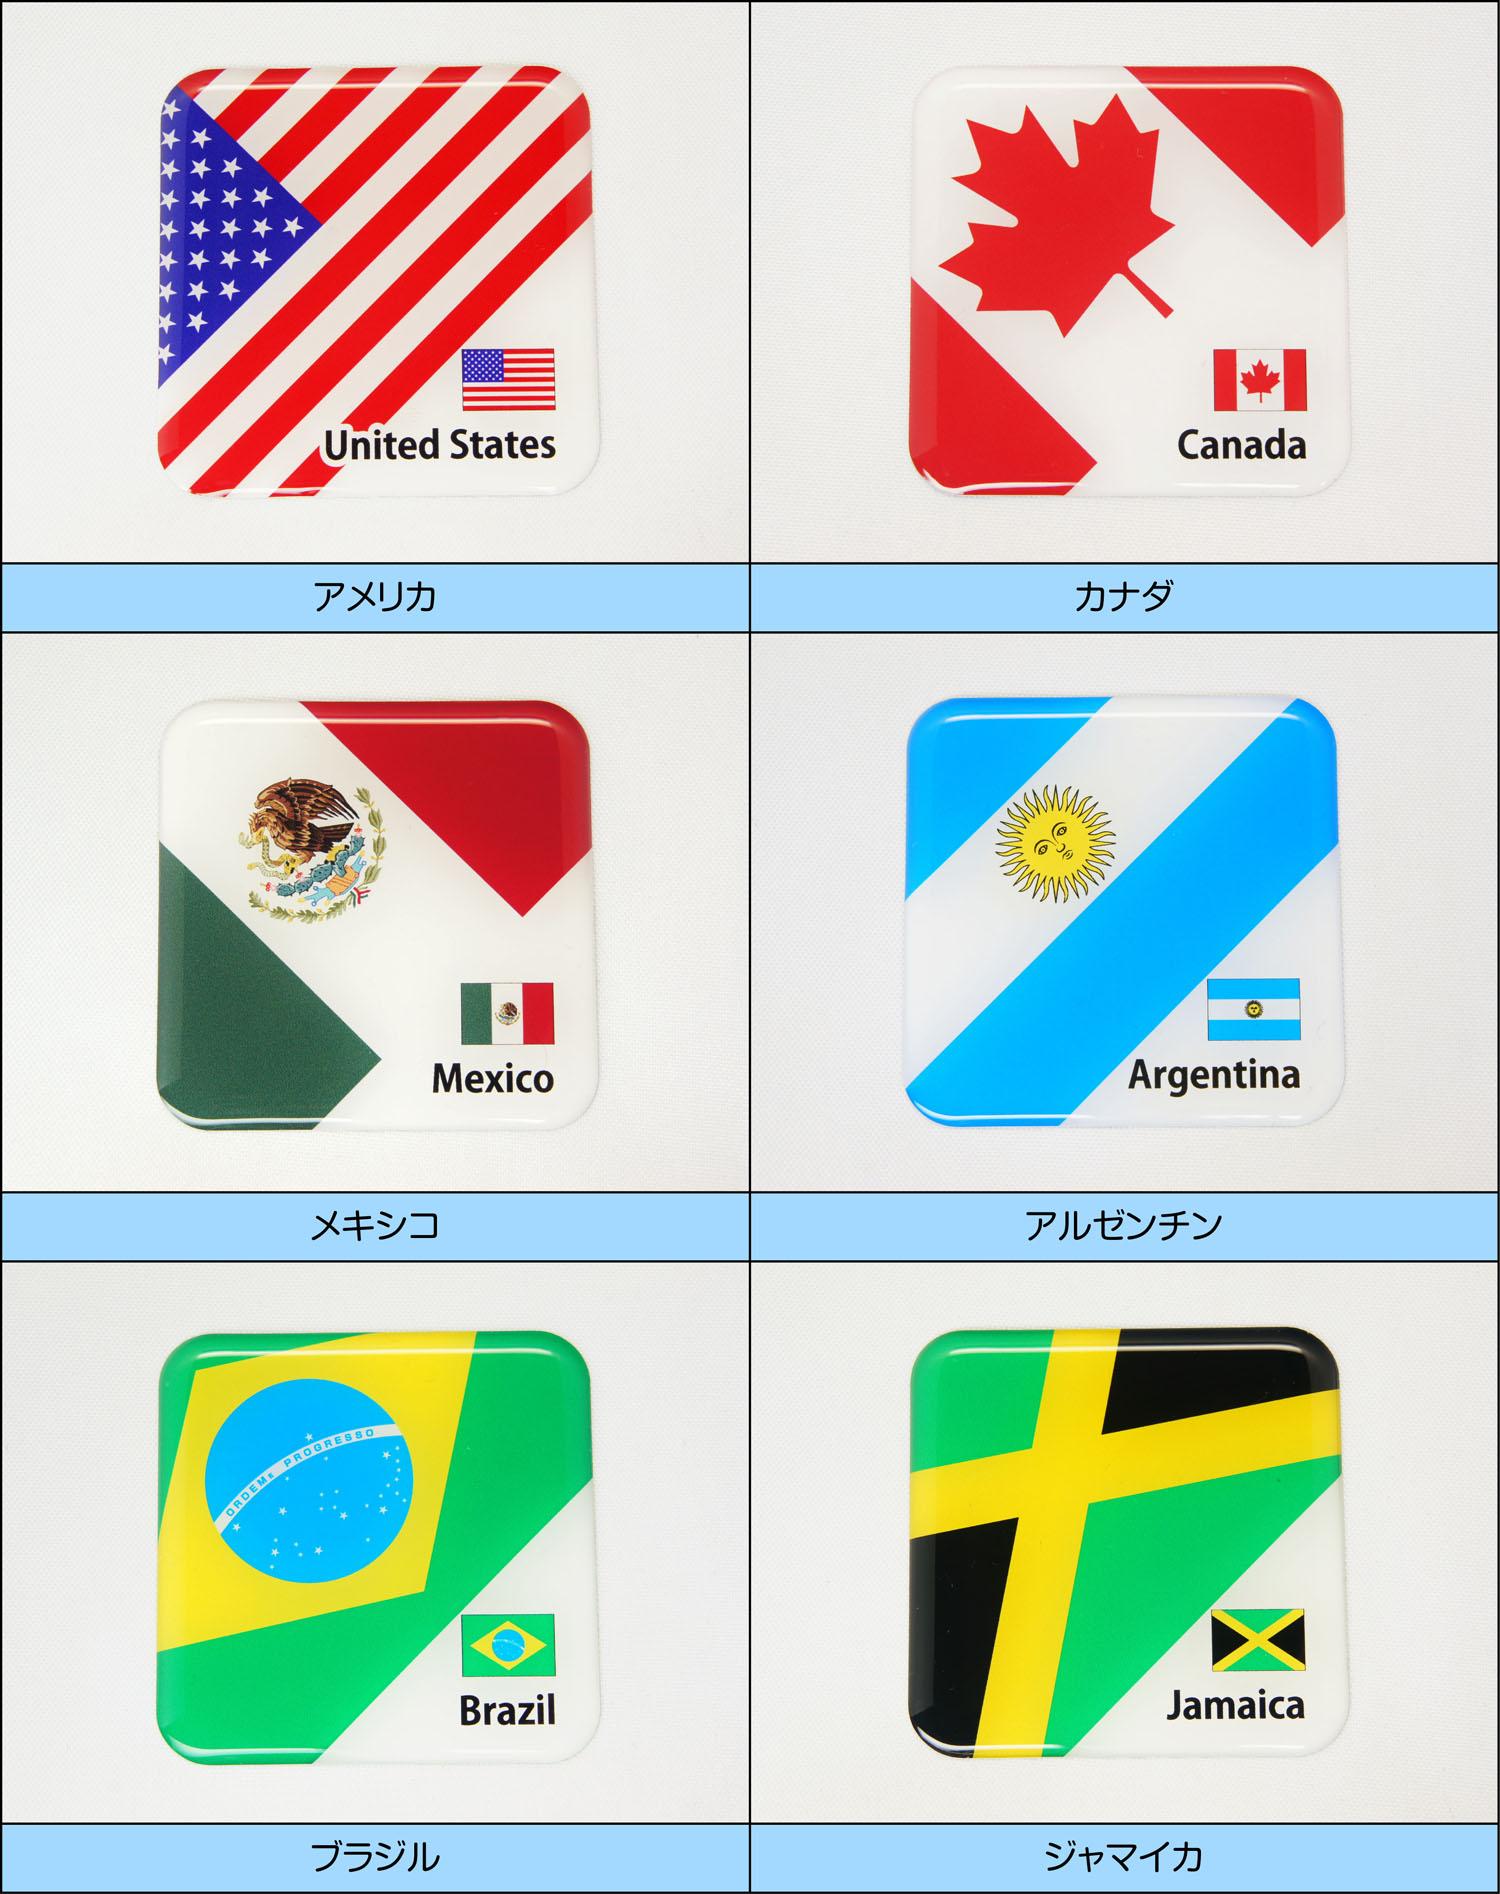 世界の国旗北米・中南米地区 一覧